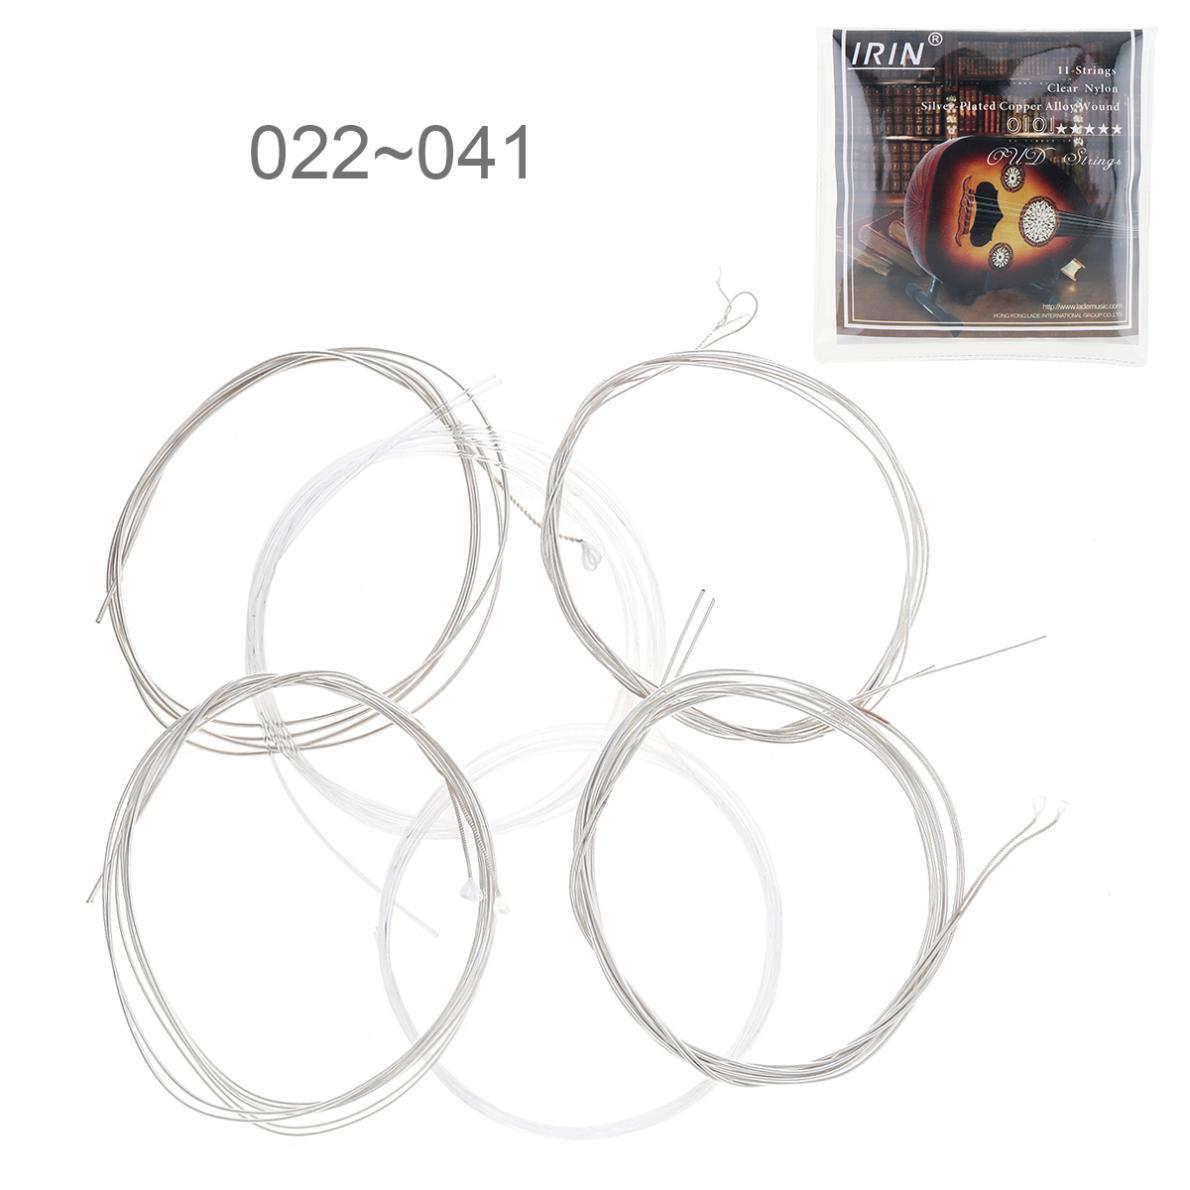 6 pçs/lote Oud Cordas 022-041 Polegada Limpar Nylon Prata-Banhado A Liga de Cobre com Completo Tom Brilhante Cordas Da Guitarra